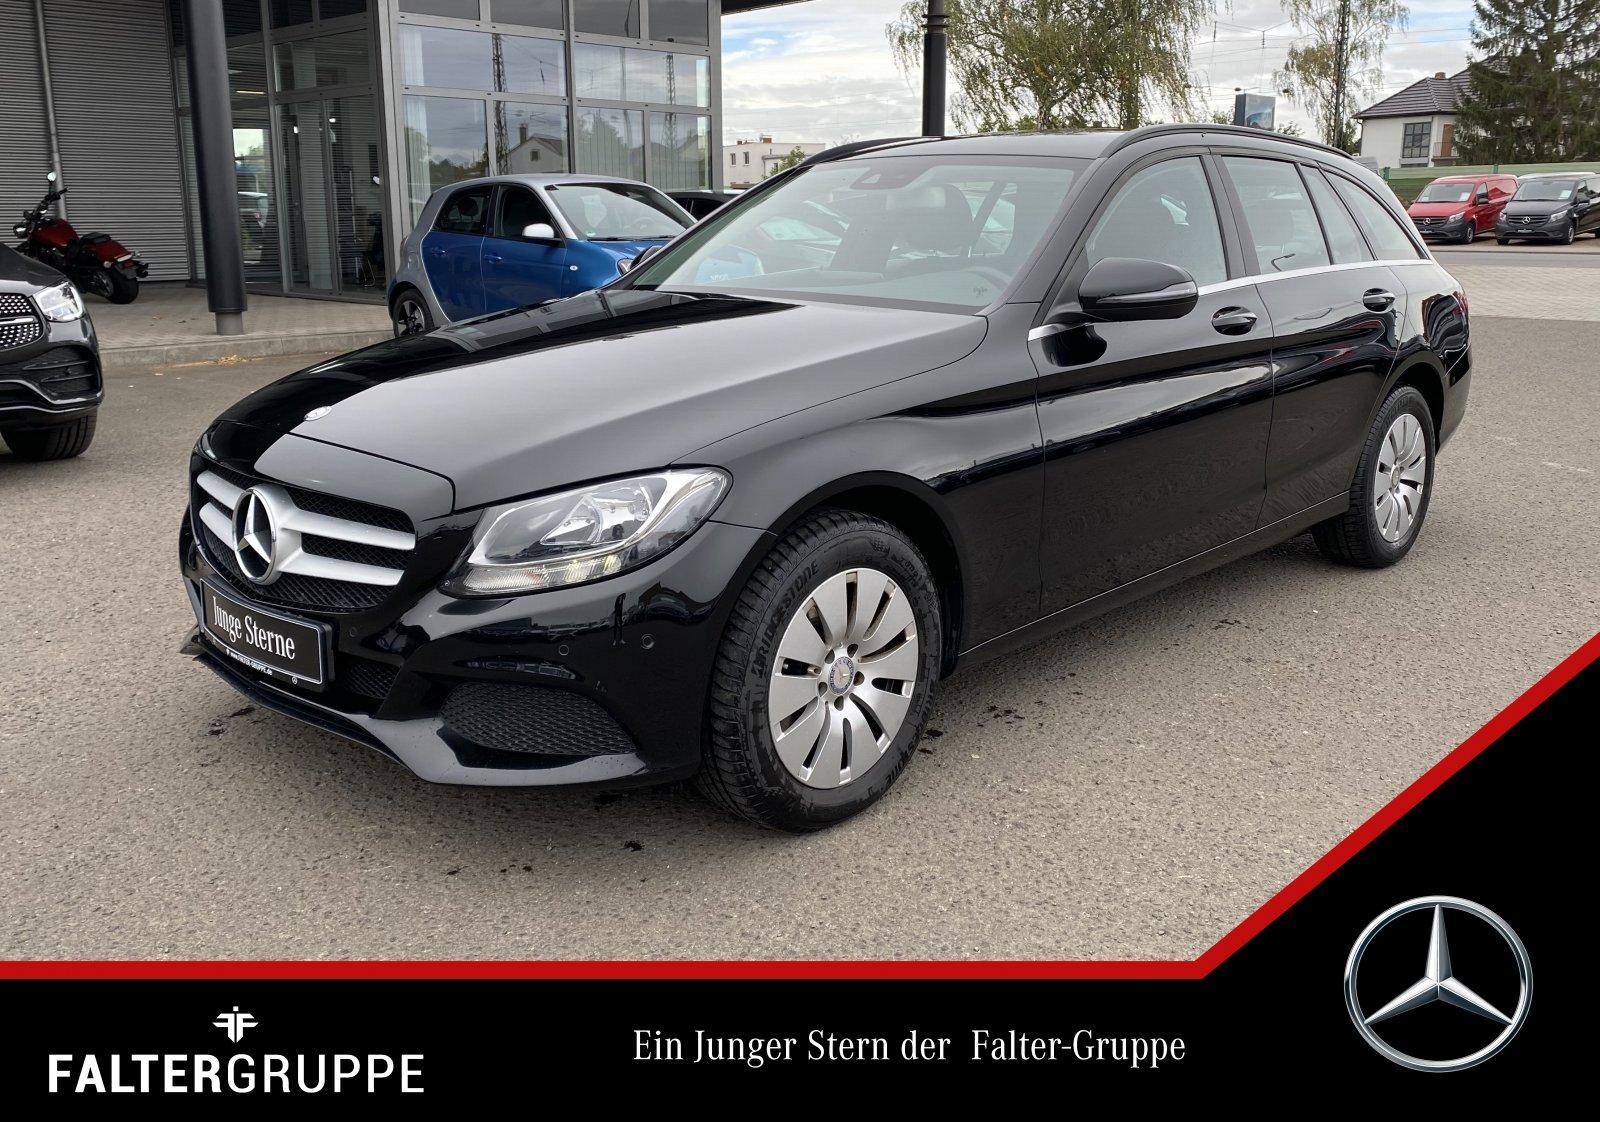 Mercedes-Benz C 220 d T GUT&GÜNSTIG Comand Busines DWA PTS SHZ, Jahr 2016, Diesel